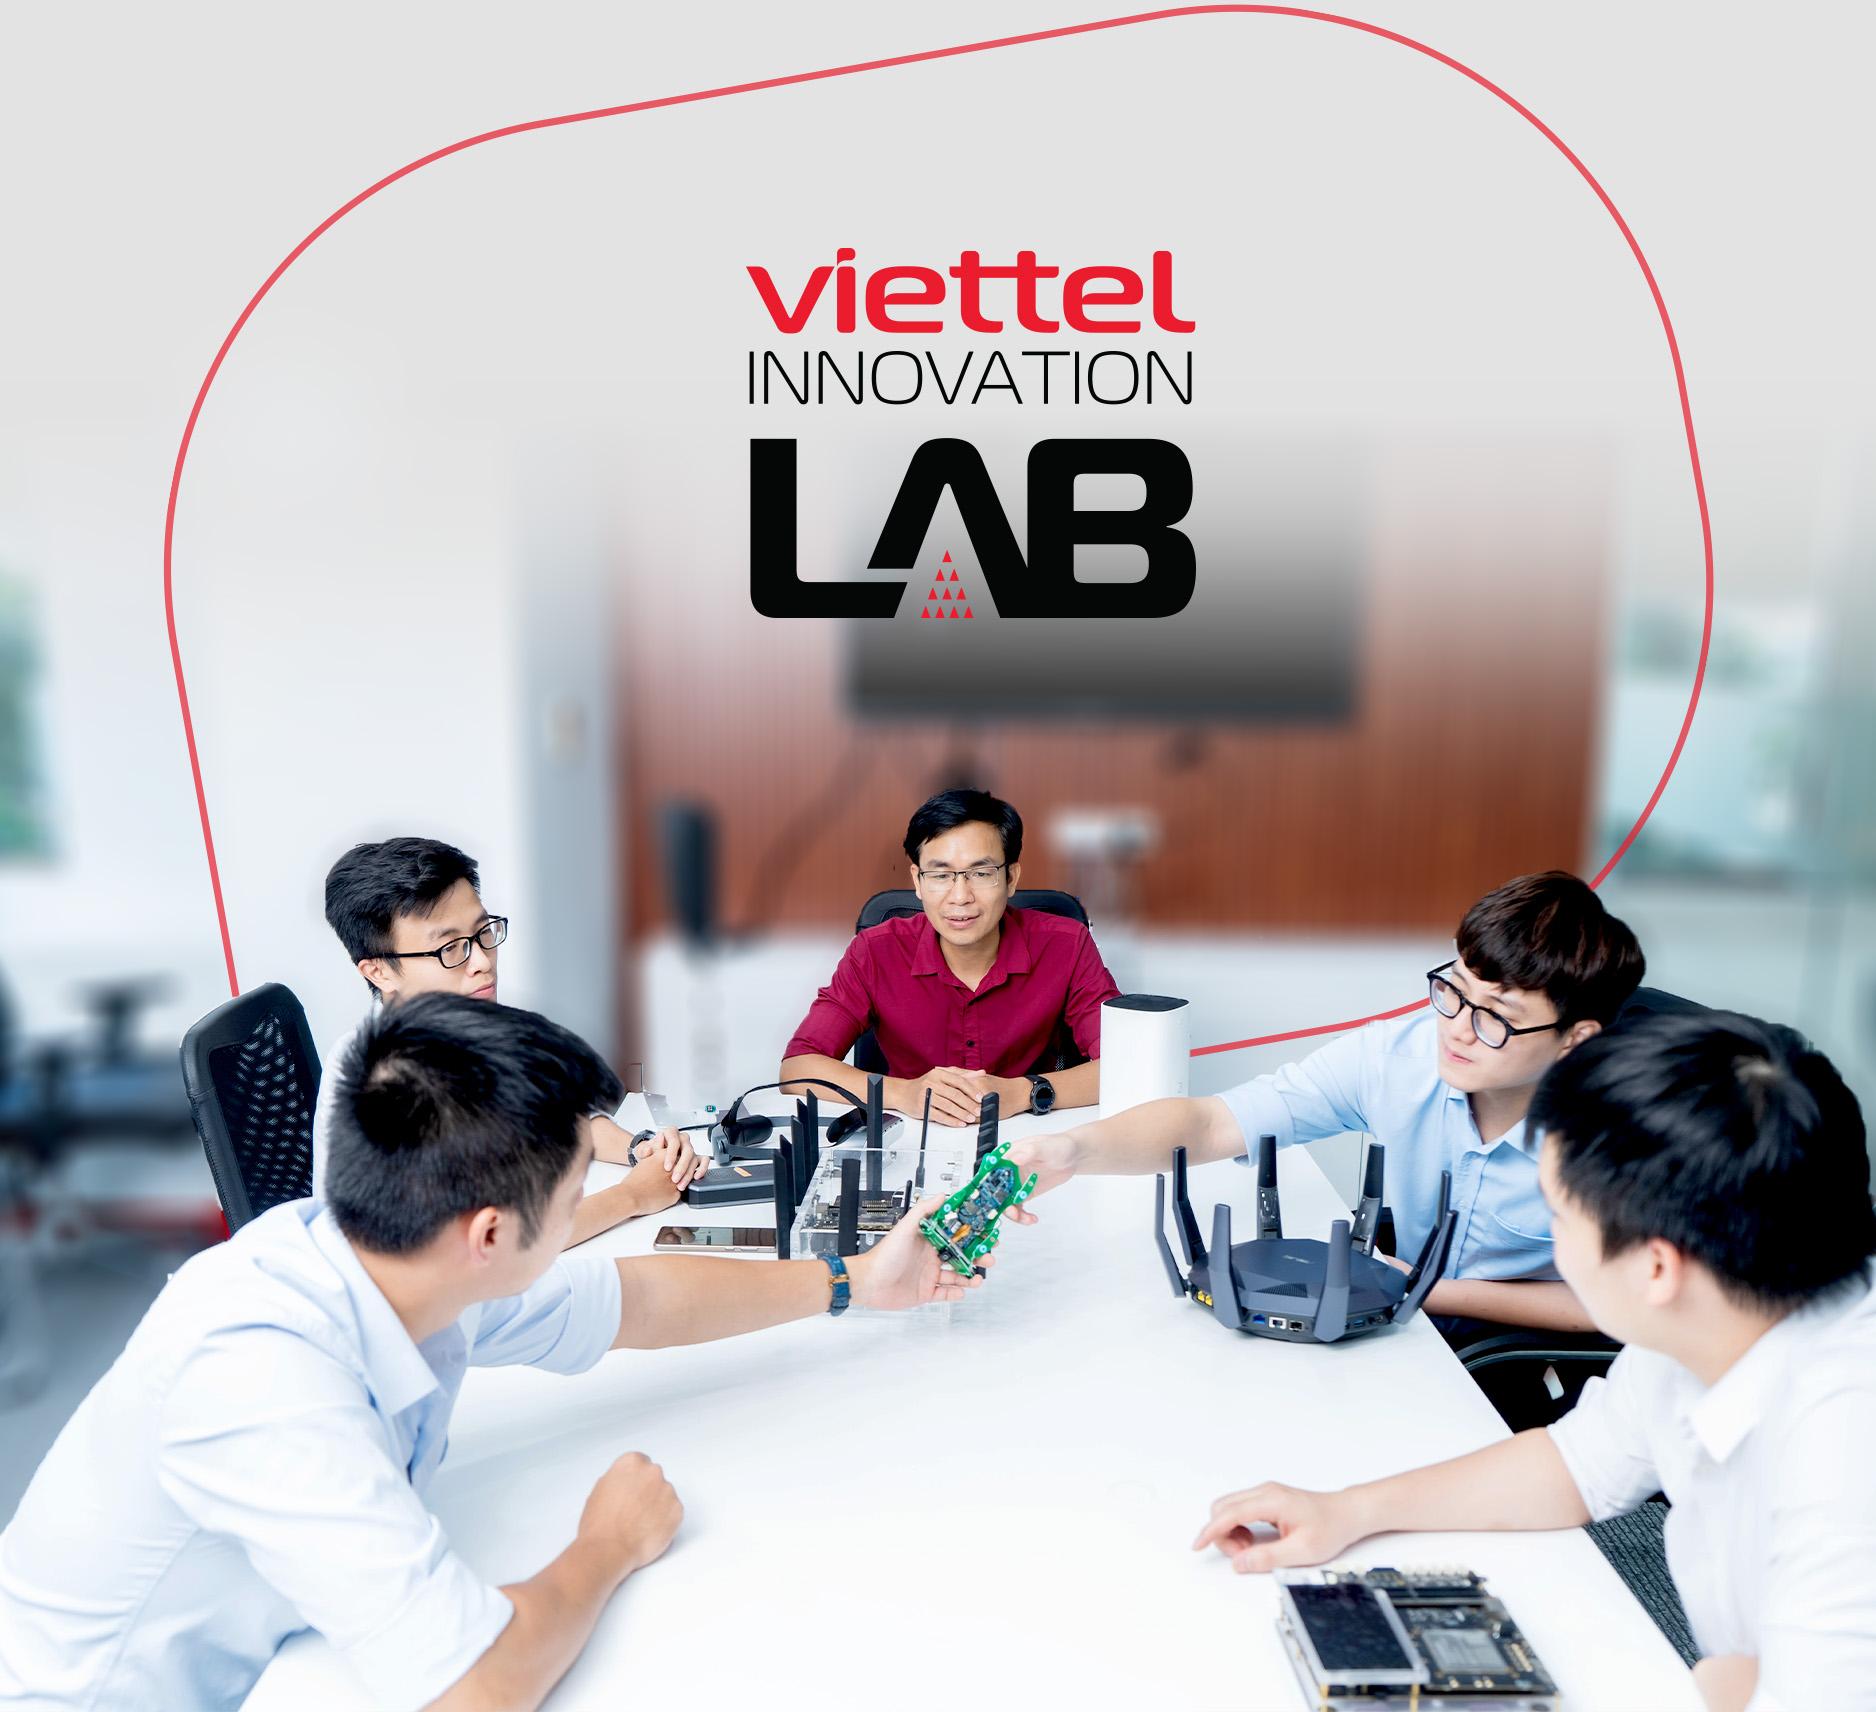 Viettel vận hành 2 phòng Lab mở hiện đại nhất Đông Nam Á thúc đẩy phát triển công nghệ 4.0 tại Việt Nam - Ảnh 2.